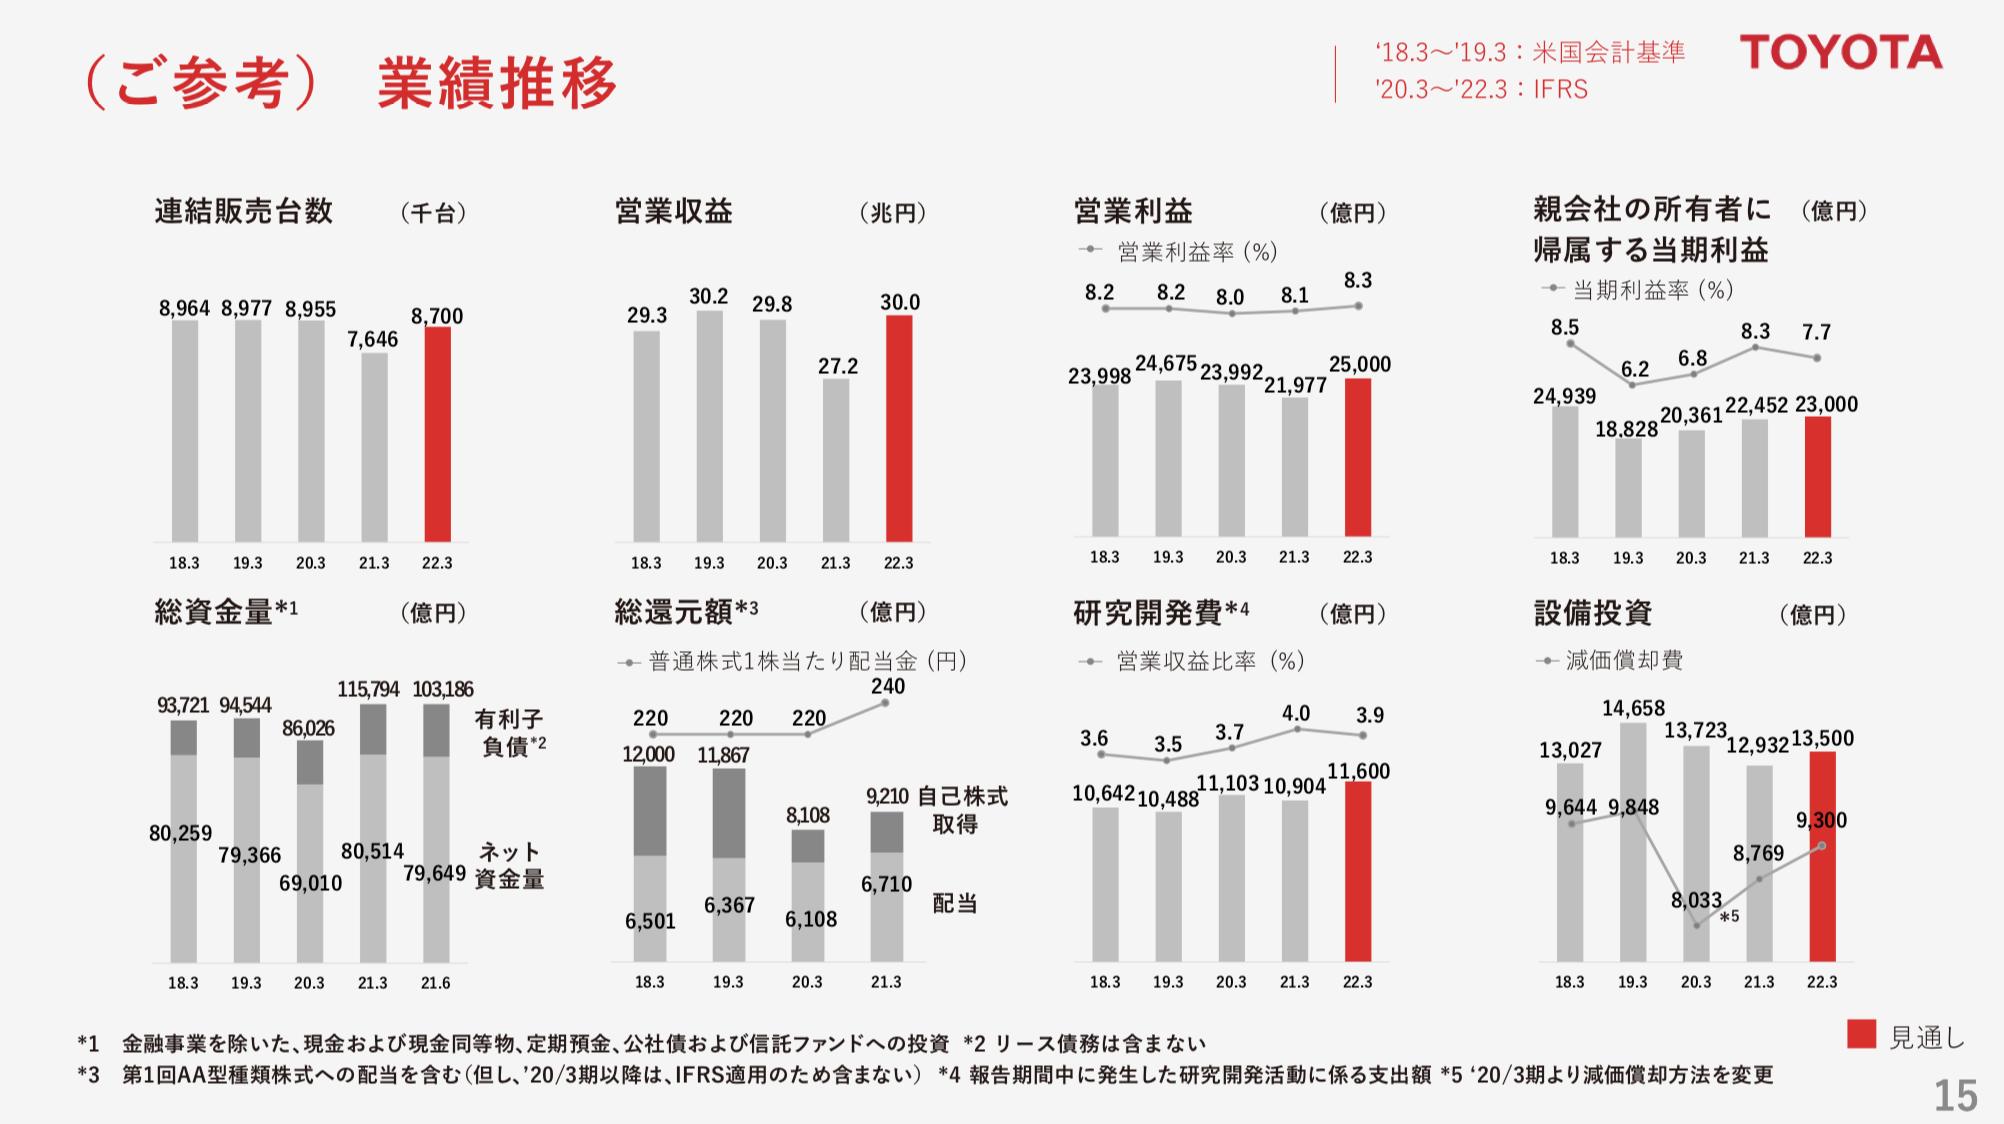 トヨタ自動車 2021年度1Q決算を徹底解説! さとり世代の株日記 資産運用 株 投資 資産形成